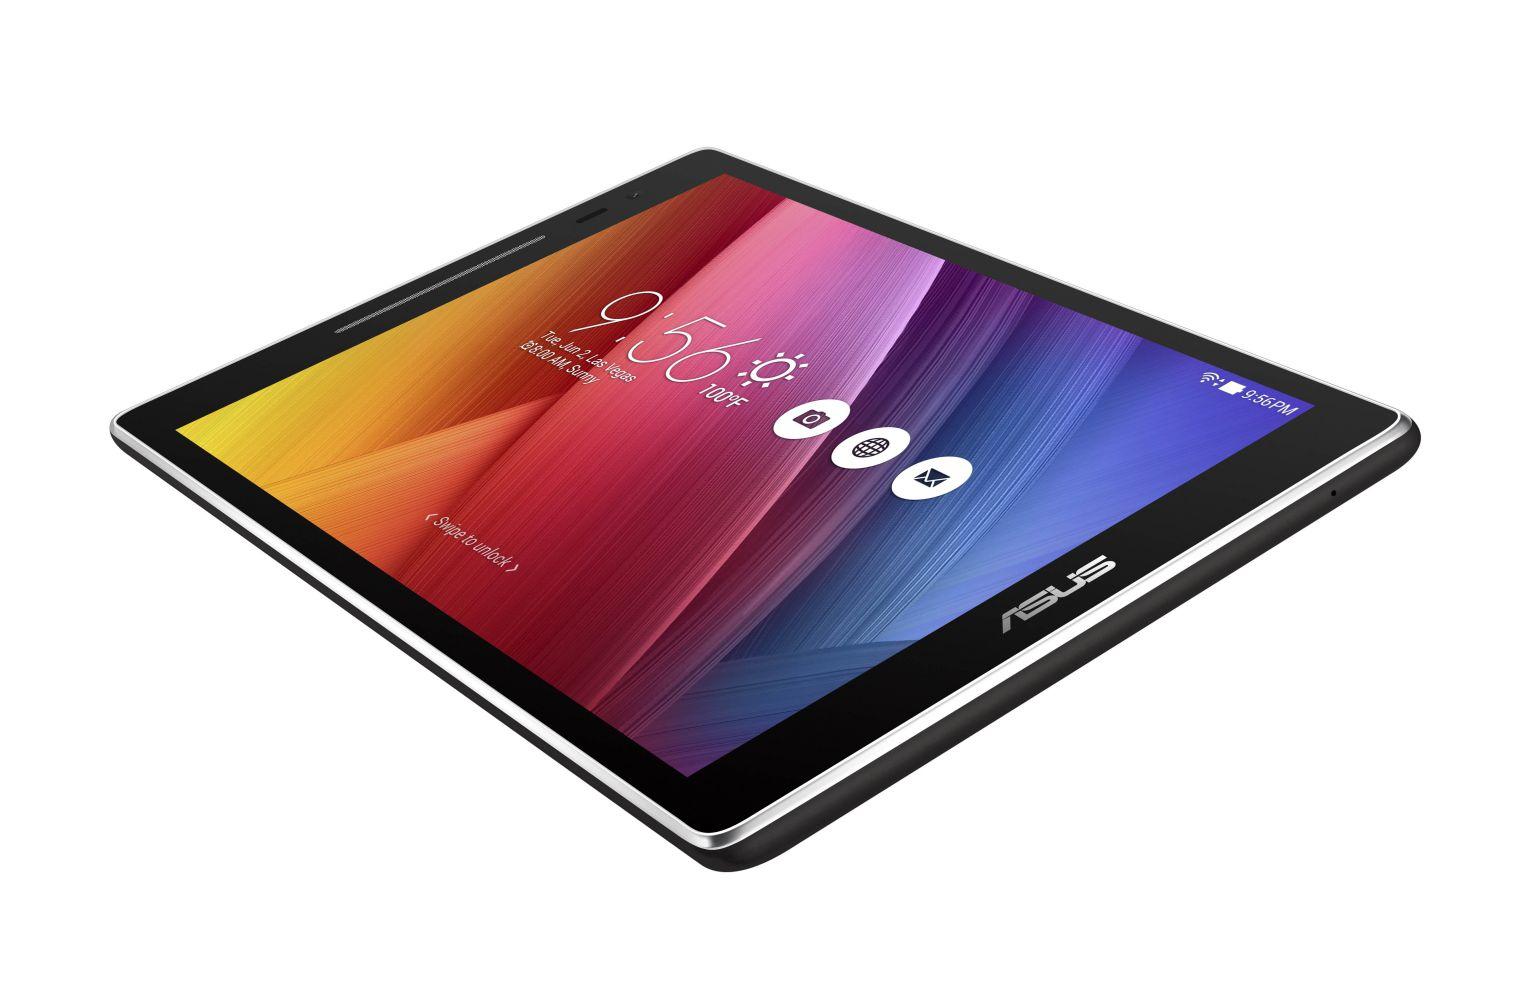 ZenPad_Z380C_Black_ (22)